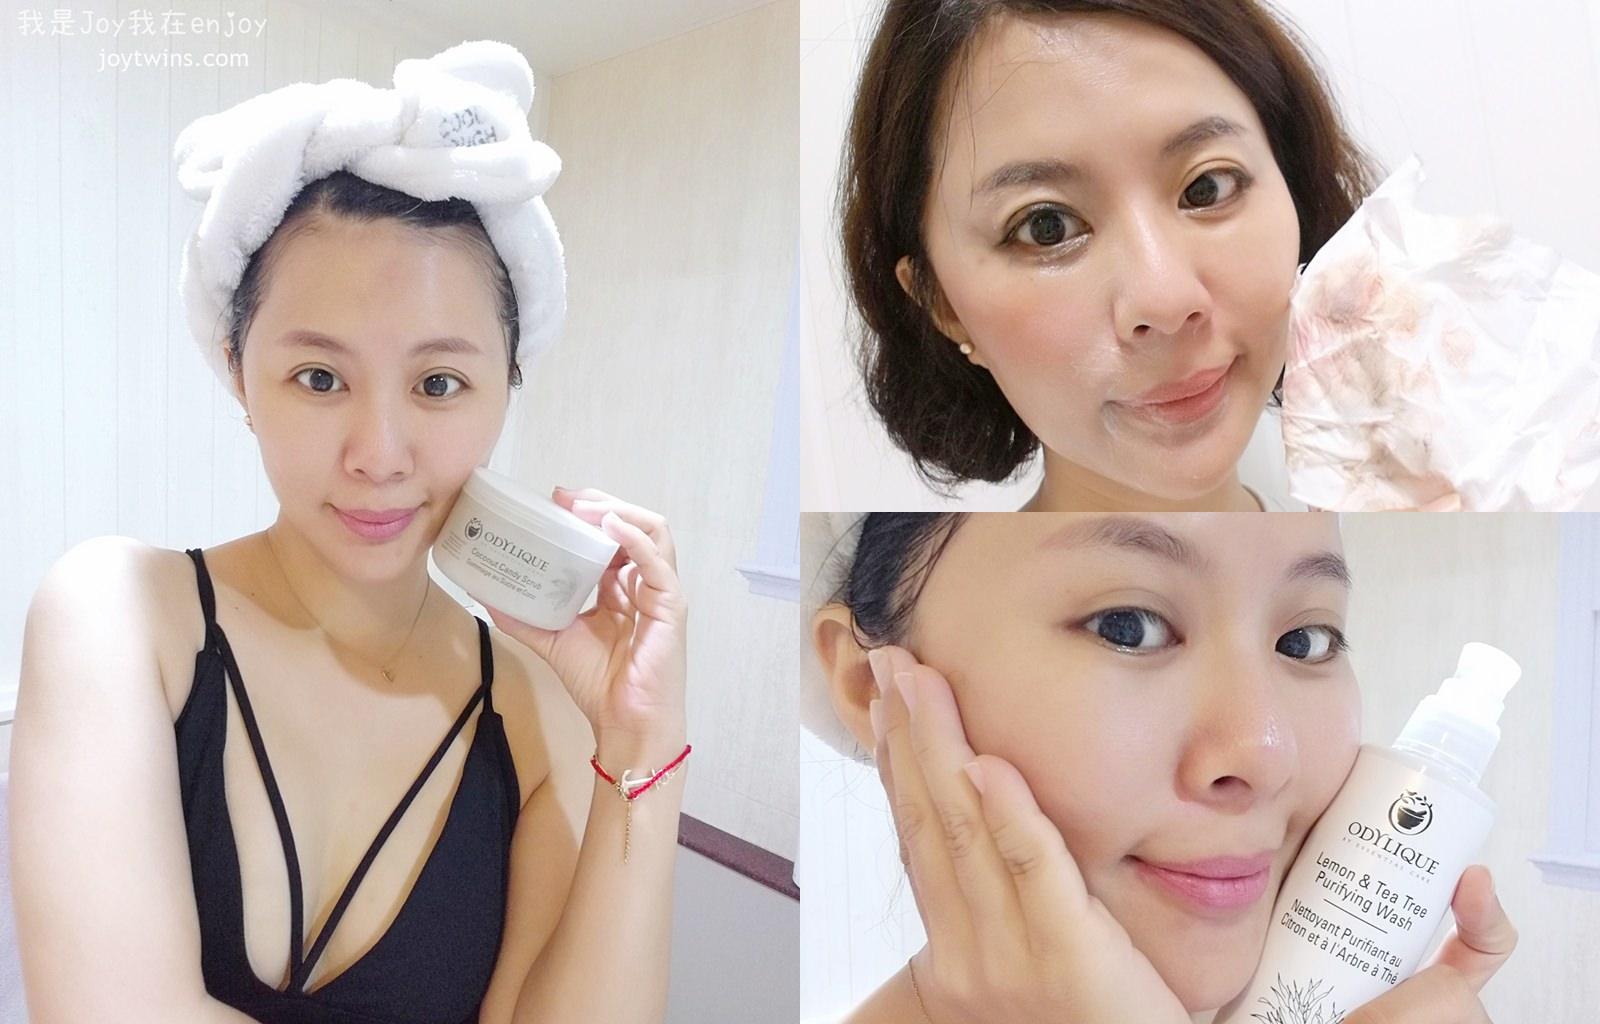 【團購】Odylique 歐蒂麗 夏季就是要透爽乾淨!淨膚行動開始!